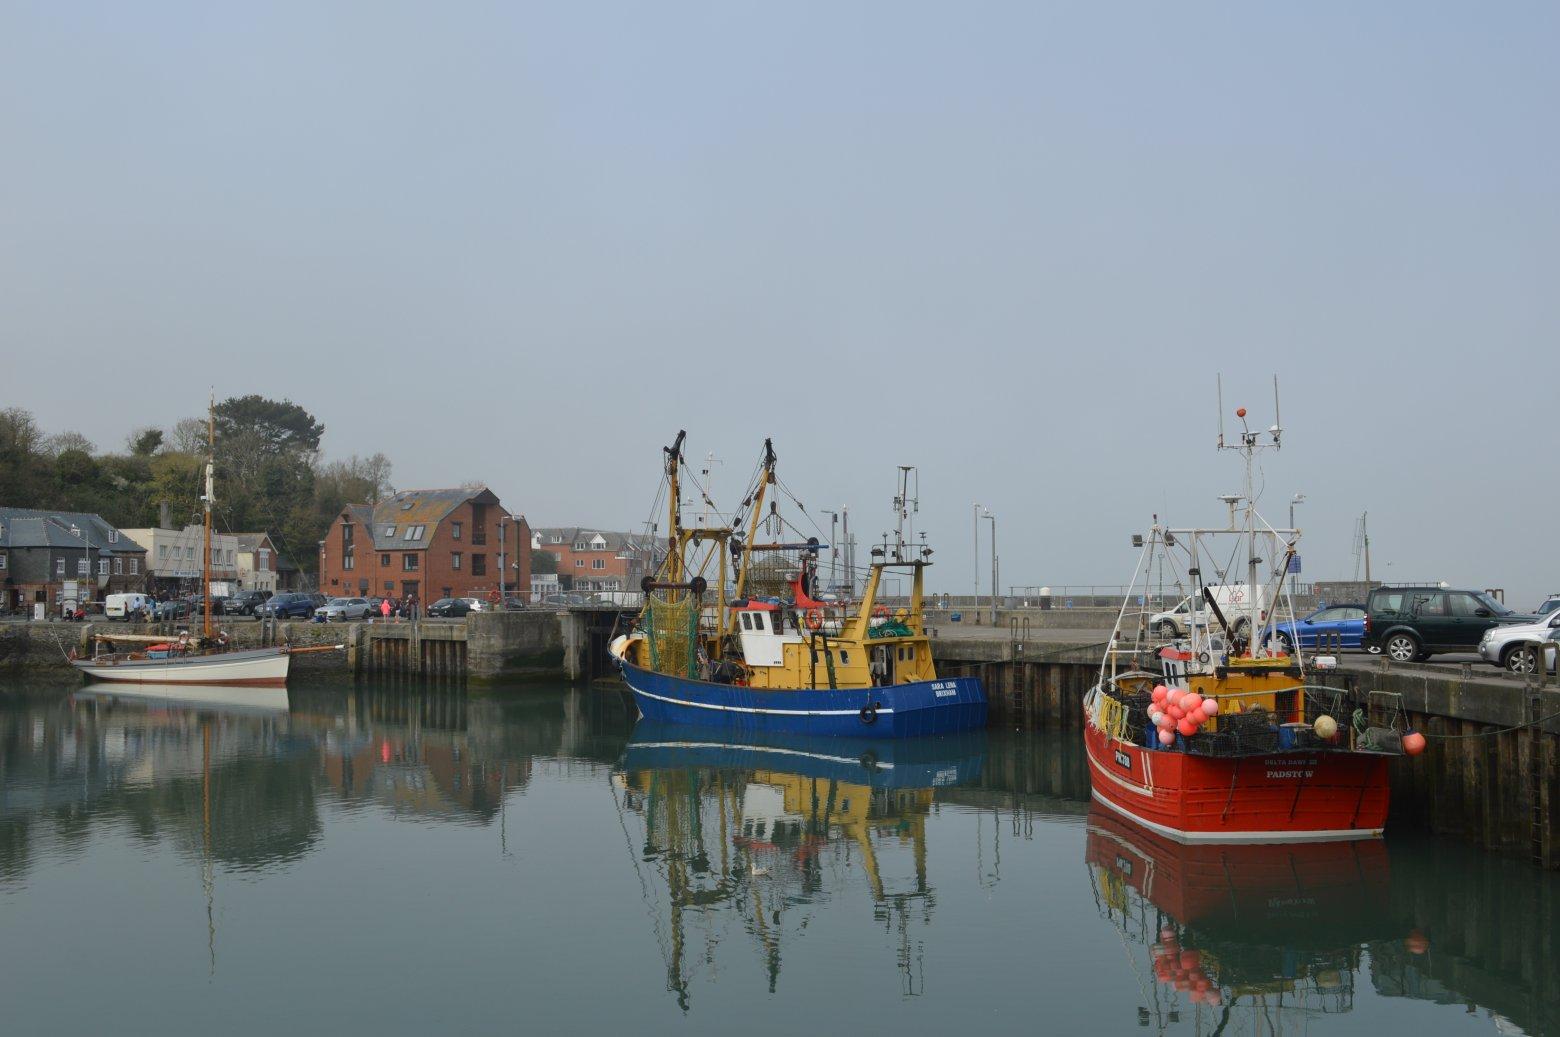 Padstow Fishing Village